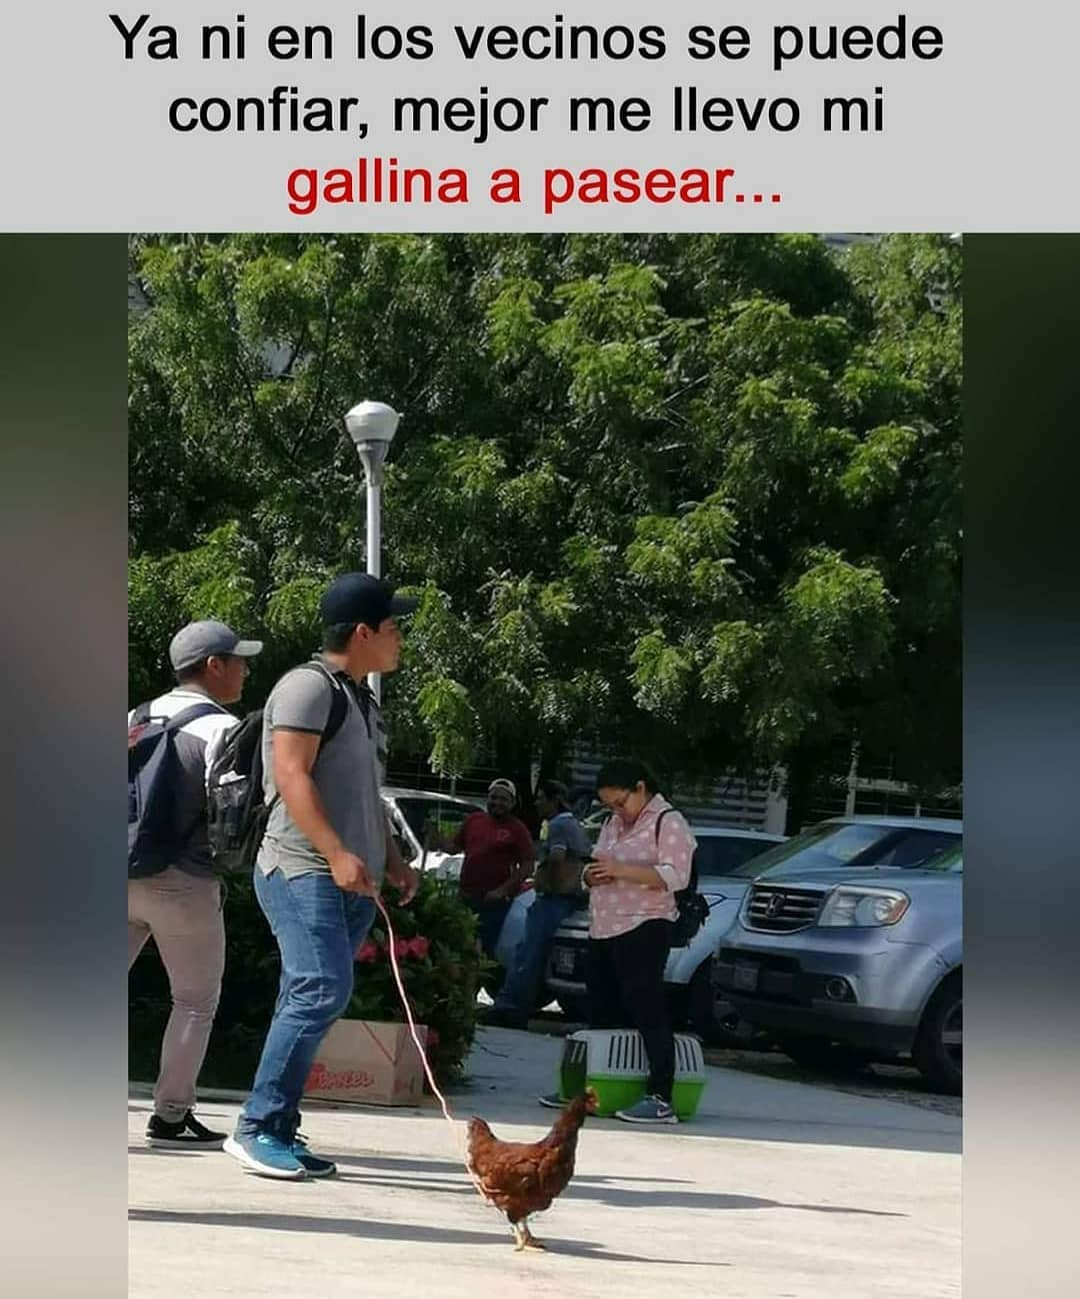 Ya ni en los vecinos se puede confiar, mejor me llevo mi gallina a pasear...